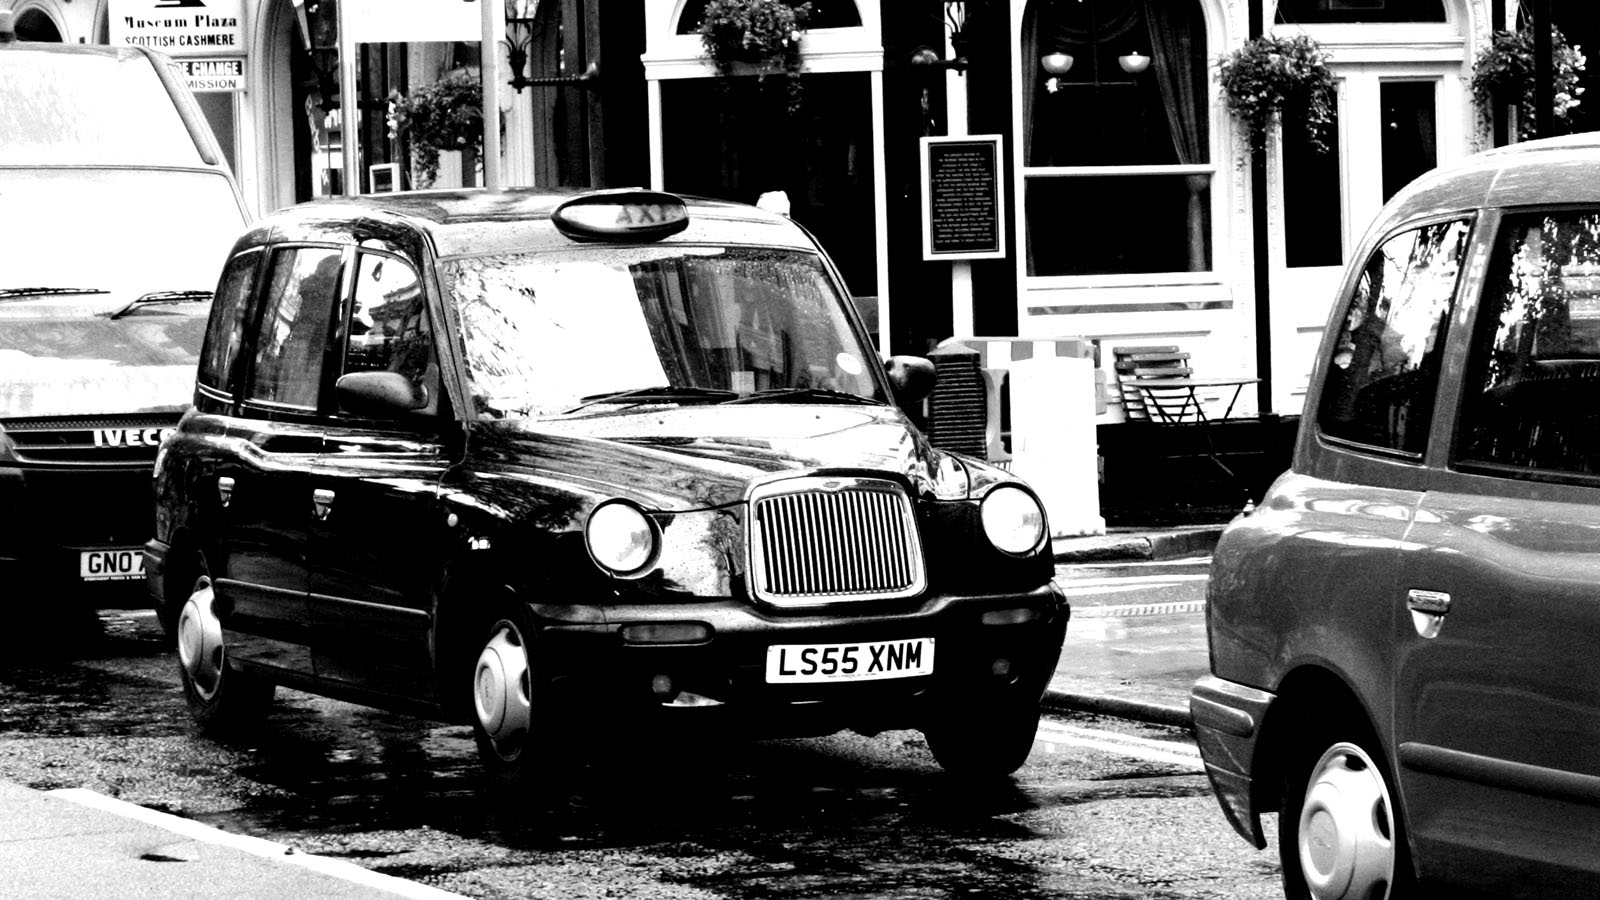 Pensamientos rápidos sobre el conflicto del taxi